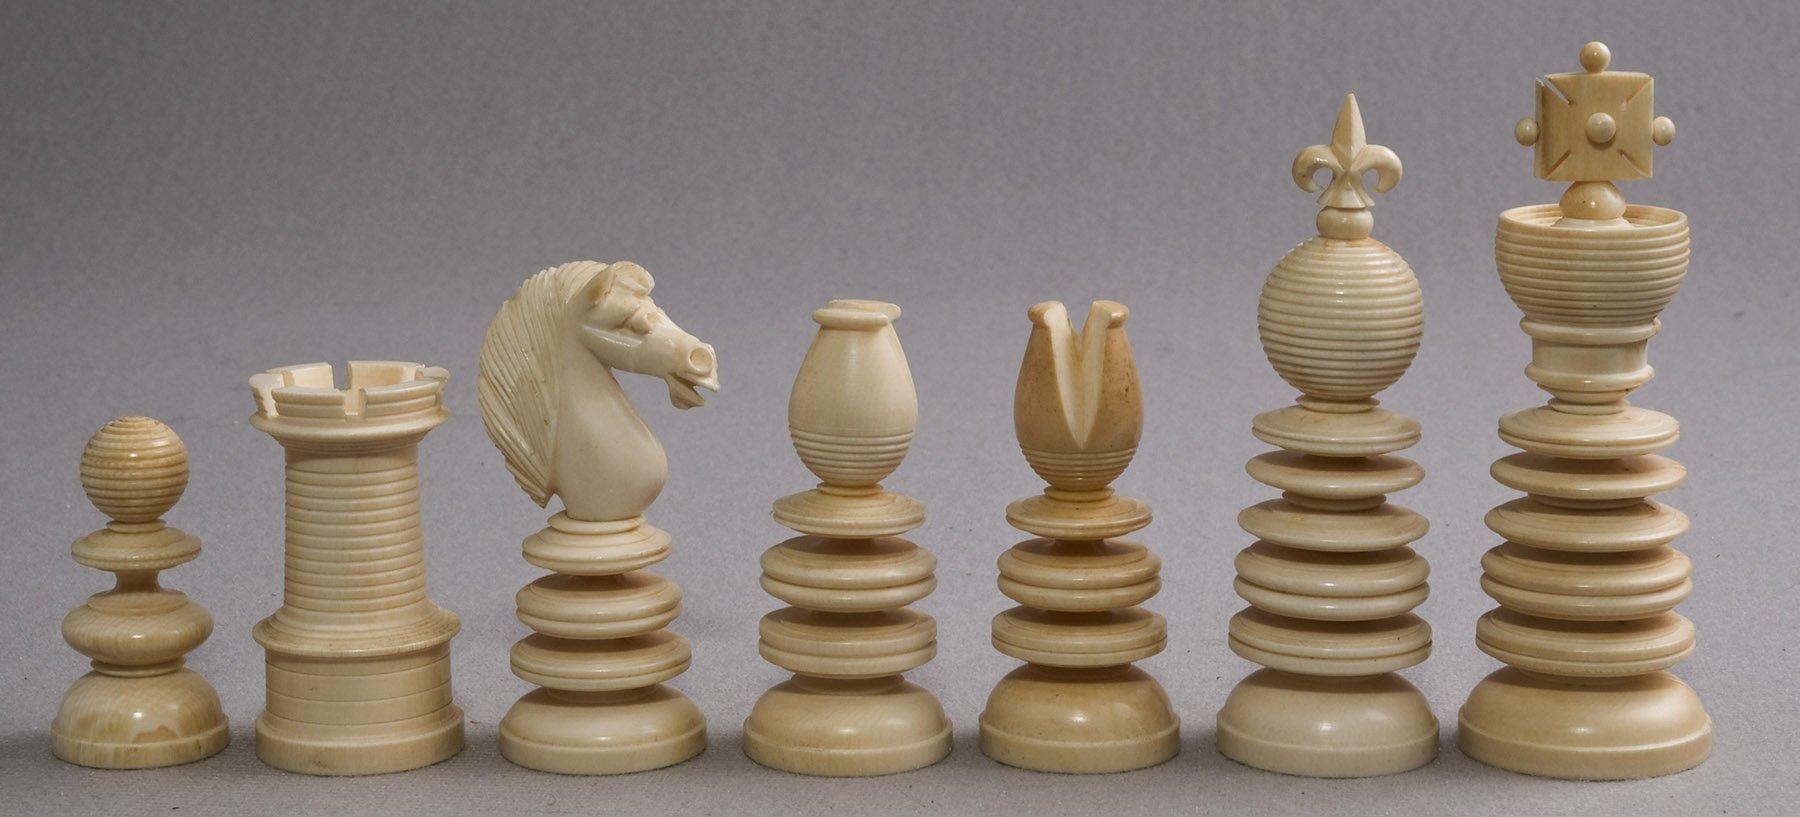 Antique Lund Chess Pieces